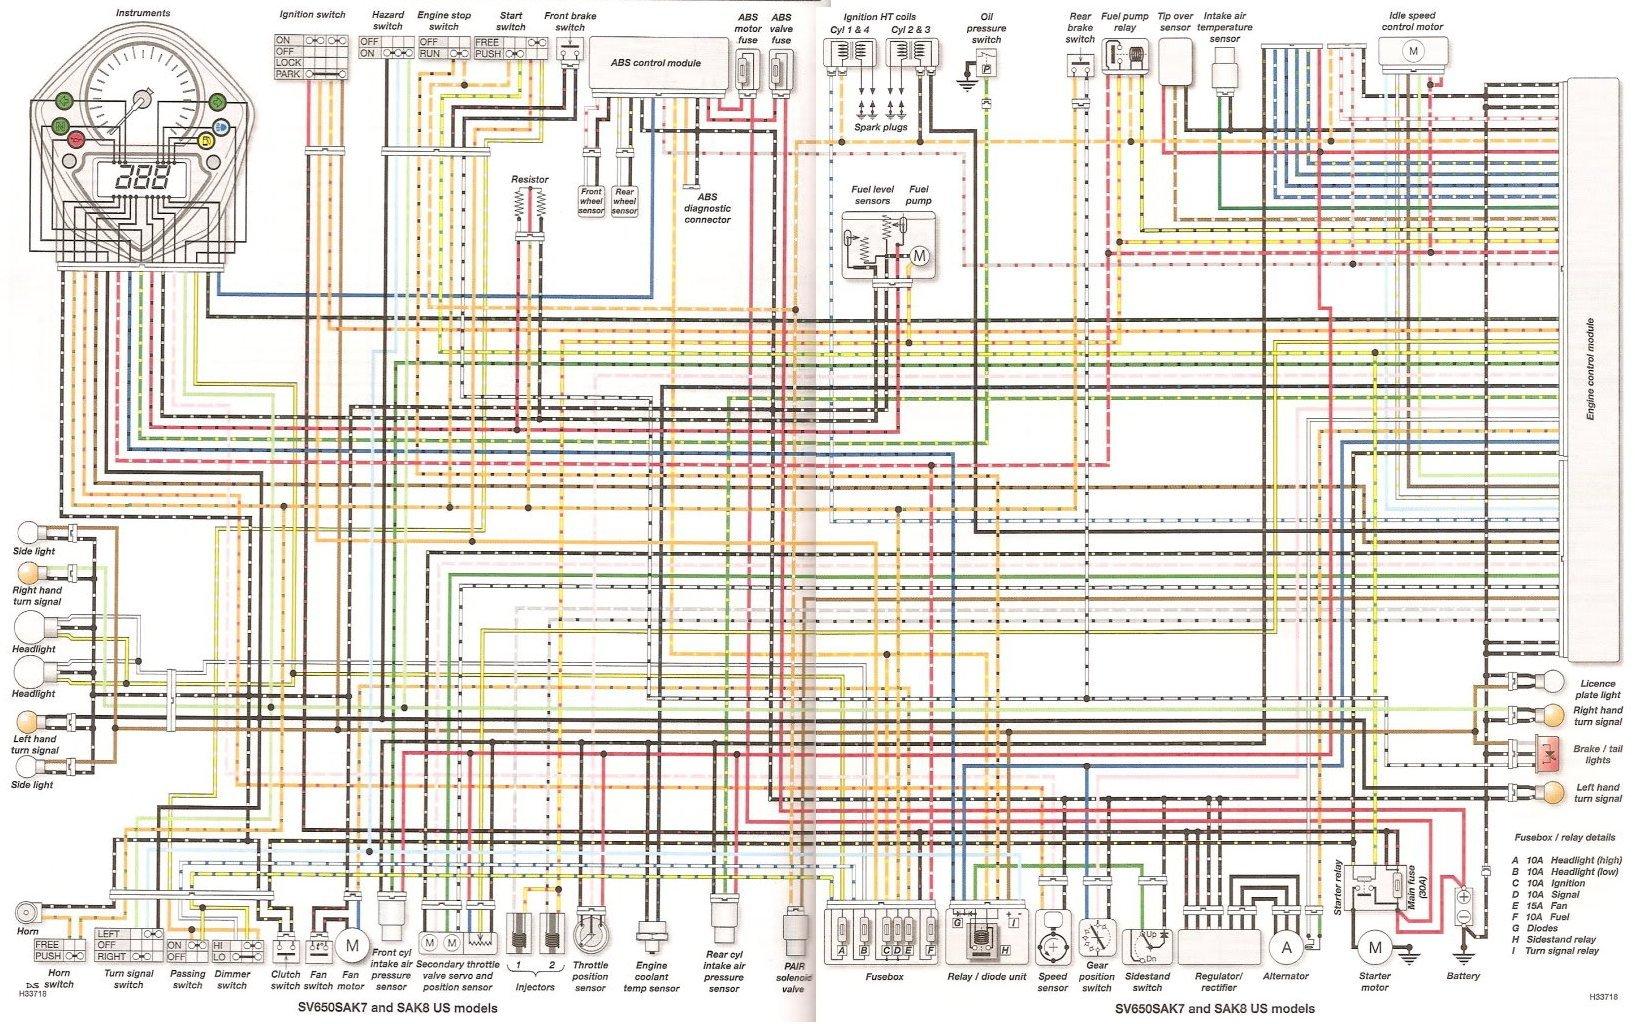 suzuki gsx r fuel pump wire diagram ko 1764  2007 gsxr 1000 wiring diagram ignition free diagram  2007 gsxr 1000 wiring diagram ignition